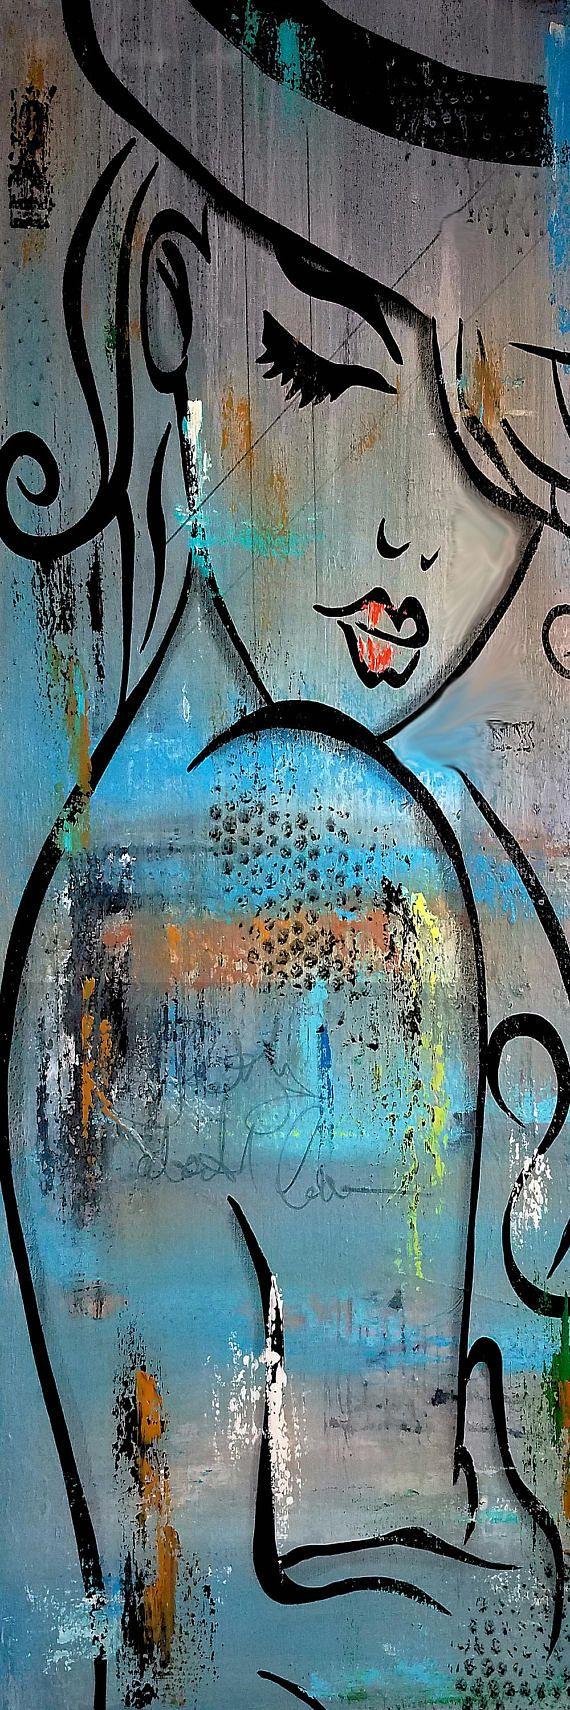 Abstrakte Aktmalerei Original moderne Pop-Art zeitgenössische Gemälde von Fidostudio – tiefer Liebe